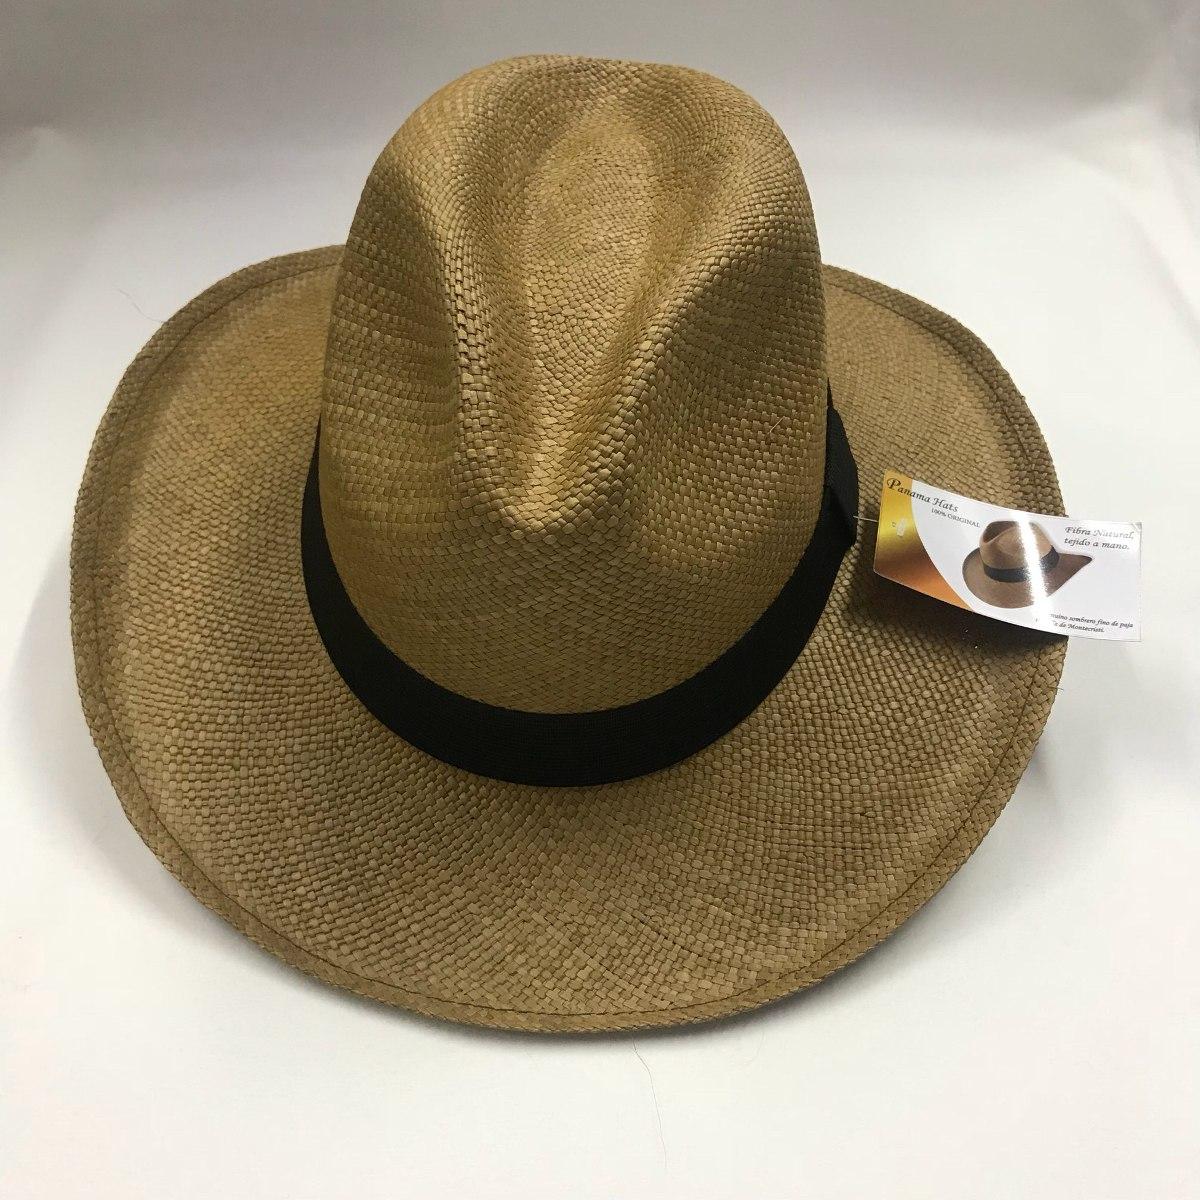 Sombrero Panama e8a9bba7e0f